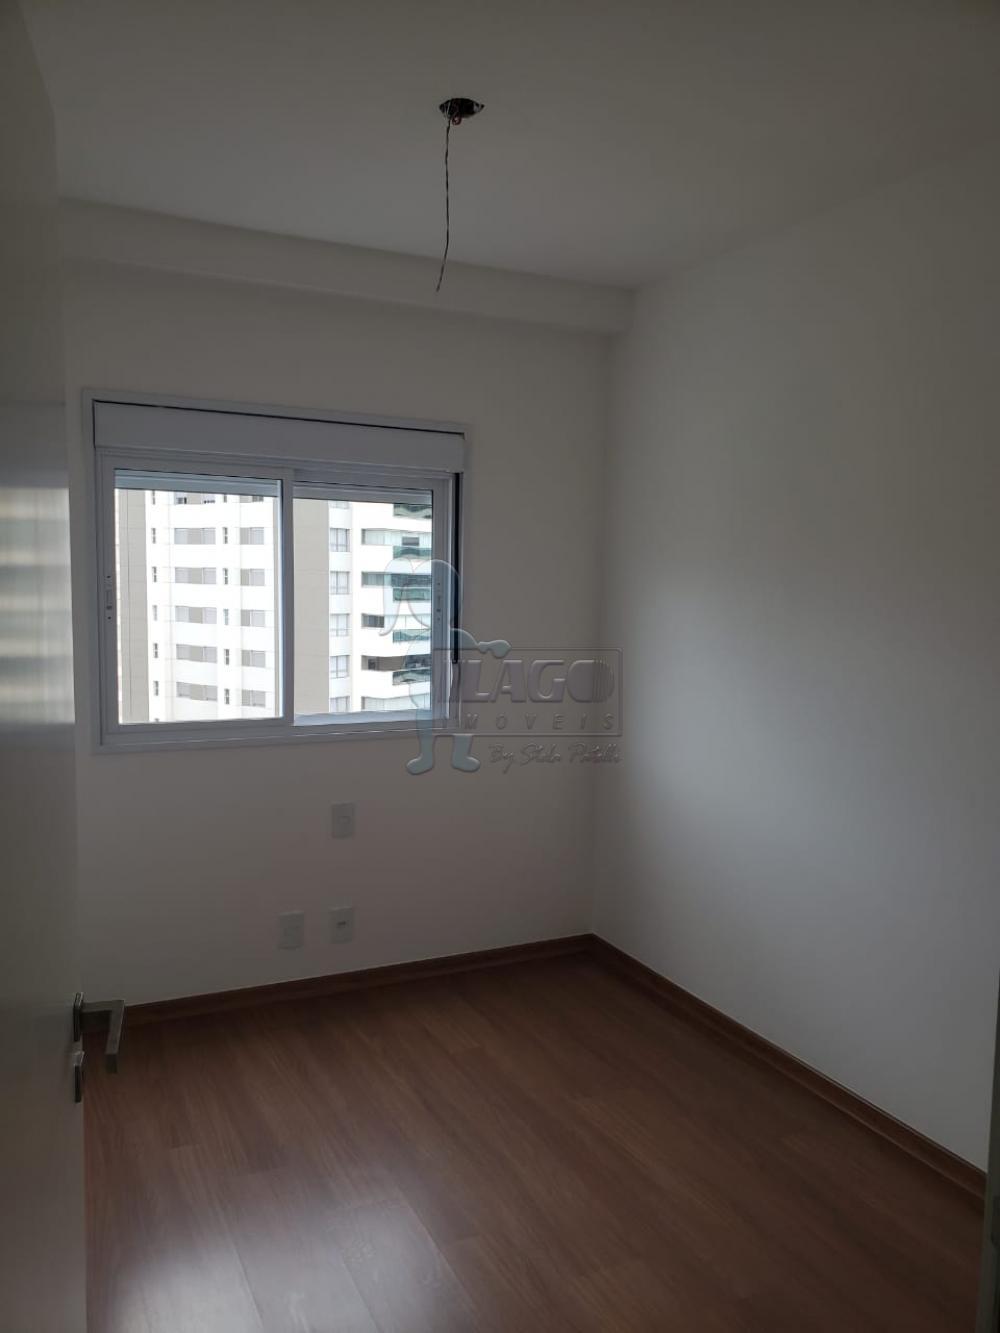 Comprar Apartamento / Padrão em Ribeirão Preto apenas R$ 542.000,00 - Foto 4